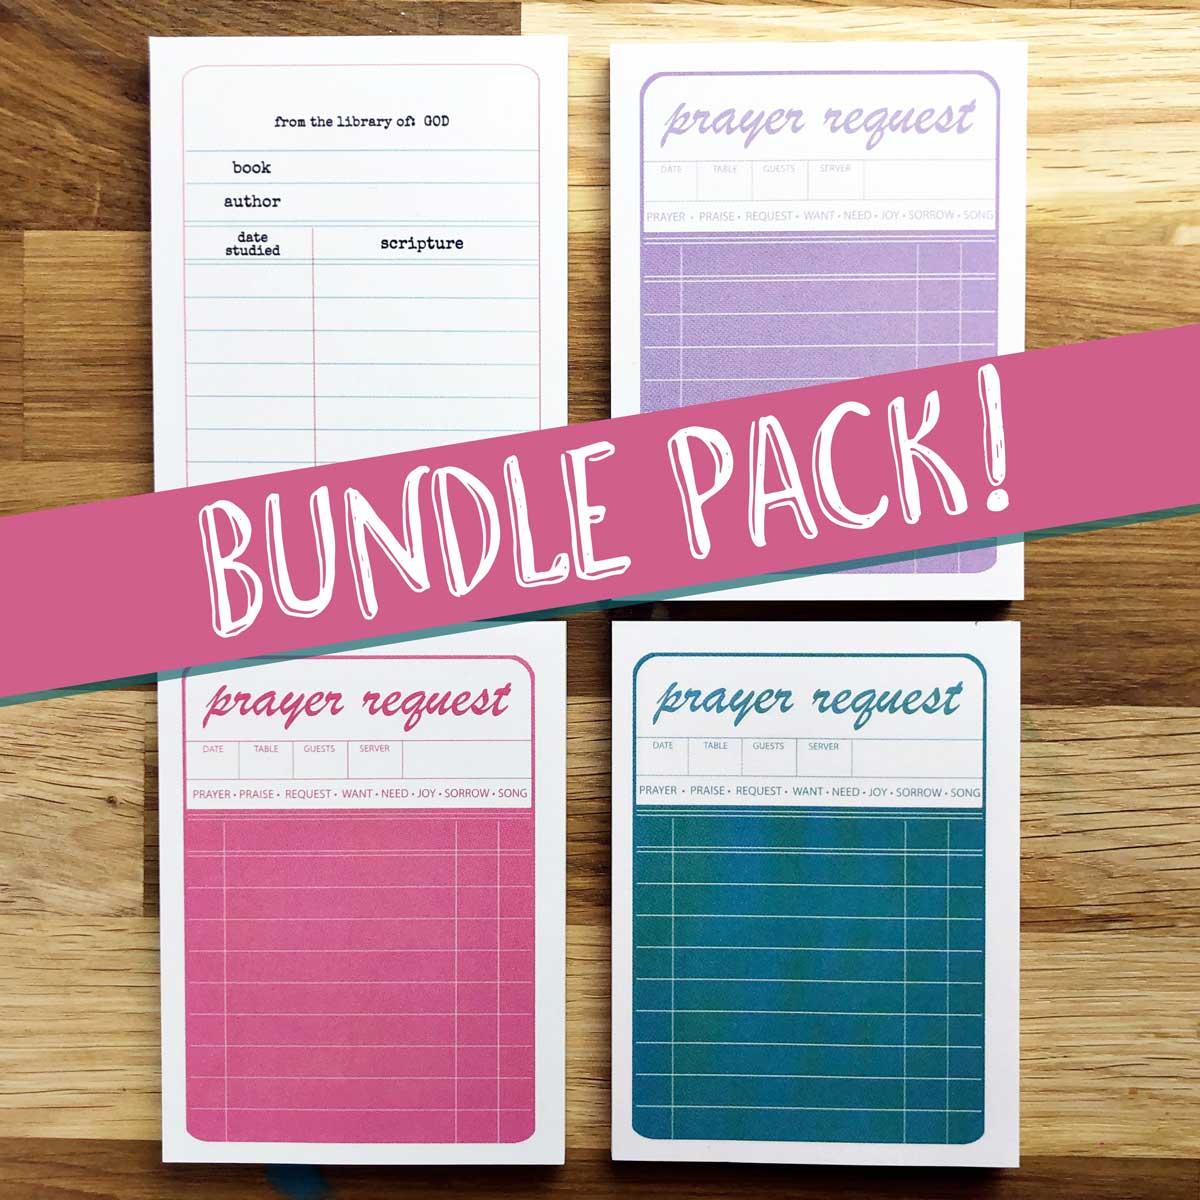 bundle pack sticky notes